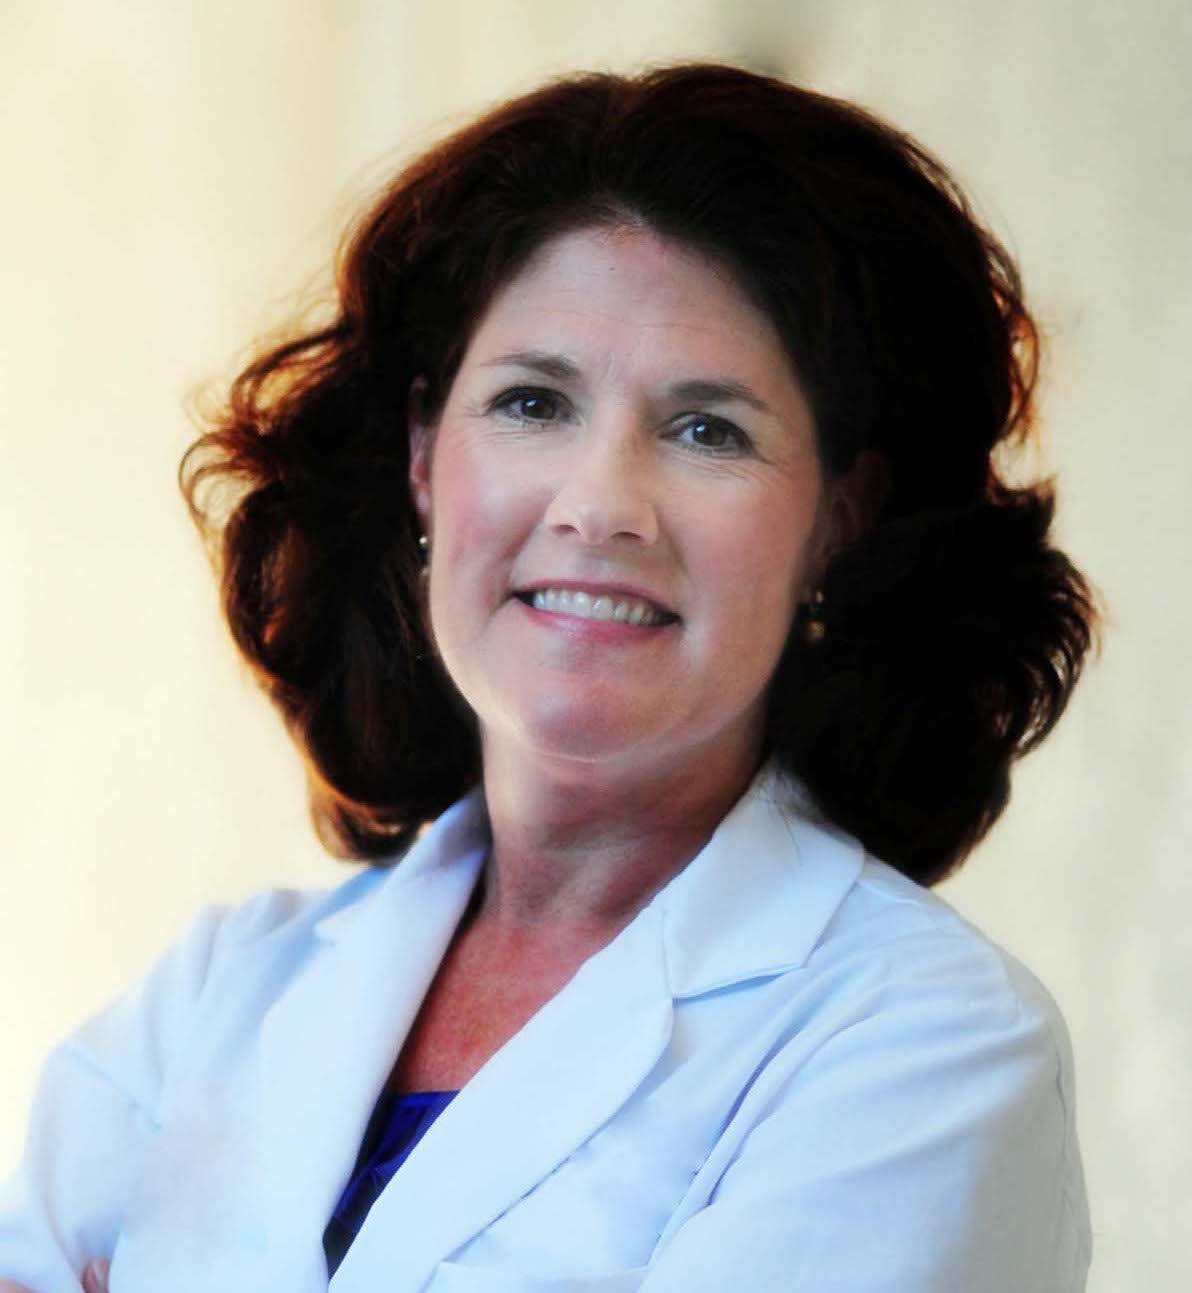 Trish Hutchison, MD, FAAP